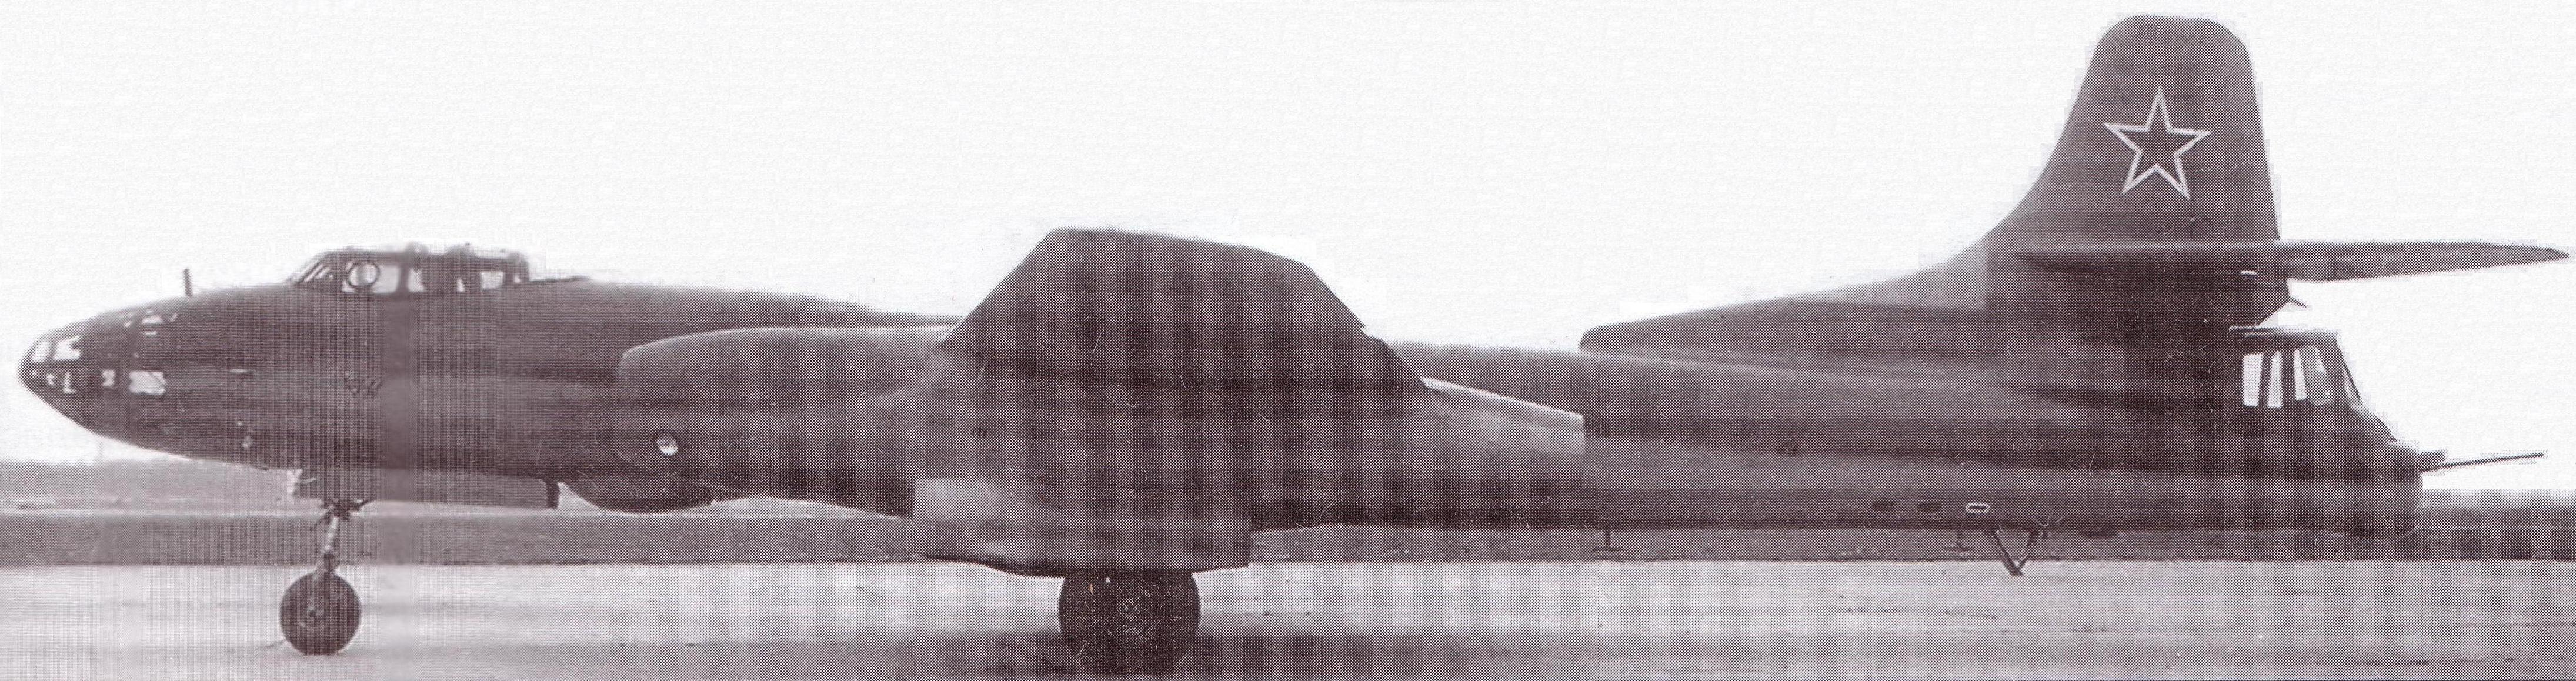 Самолёт_Ту-14